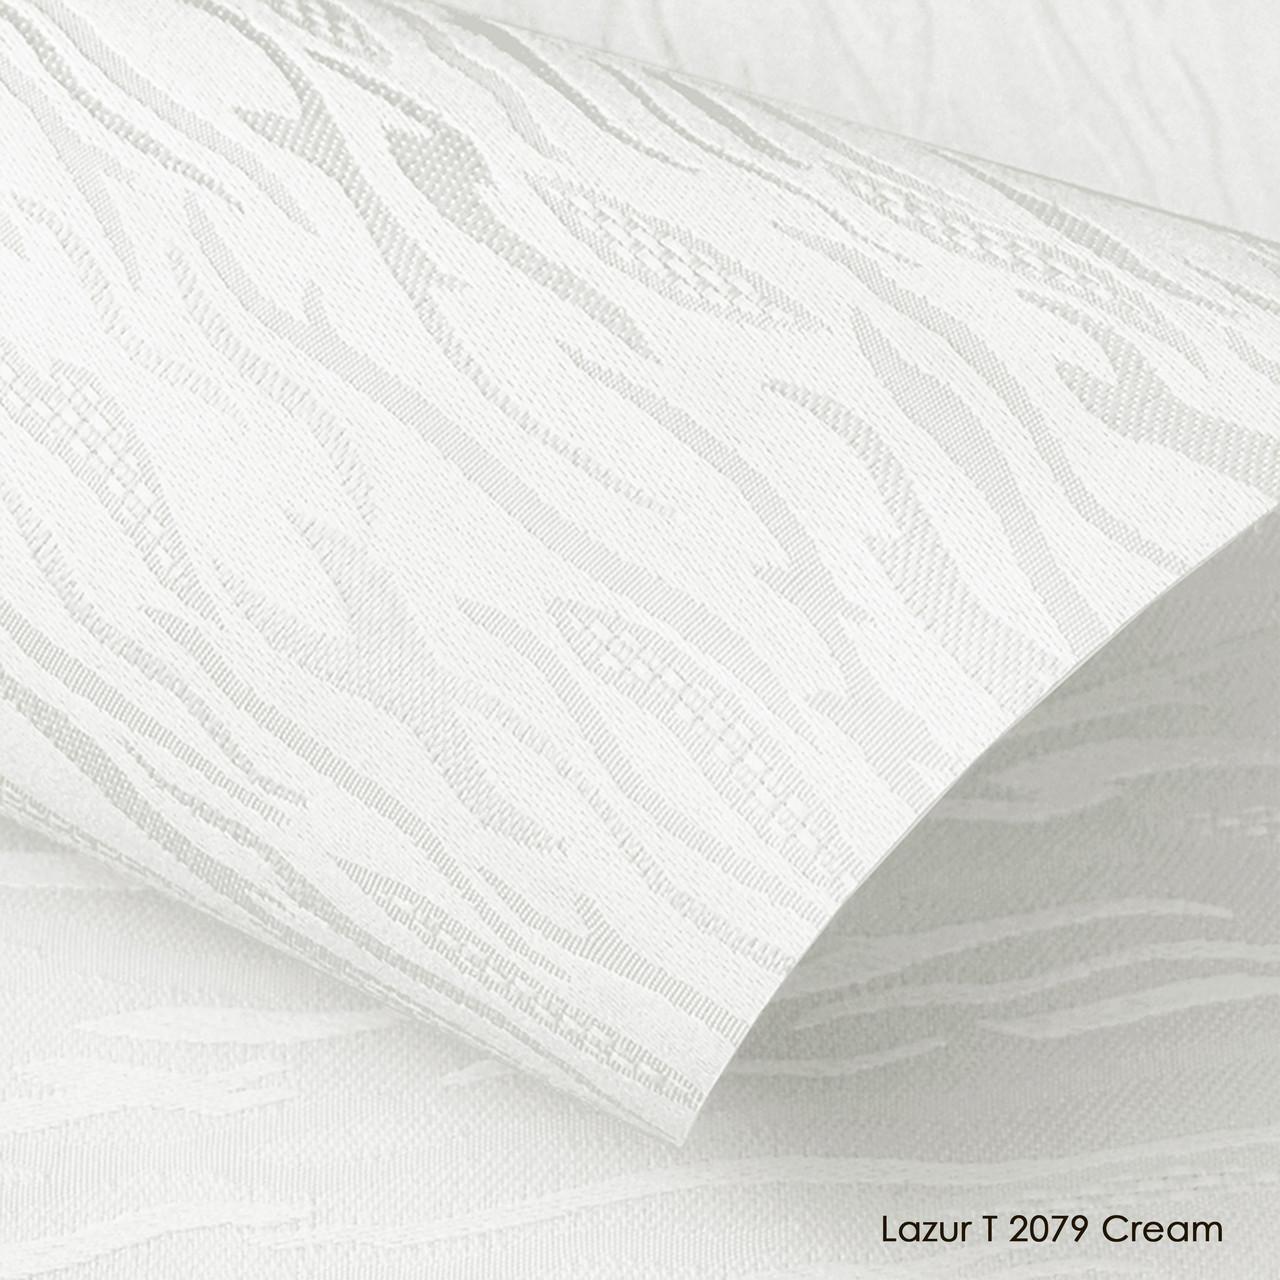 Ролеты тканевые Lazur T 2079 Cream